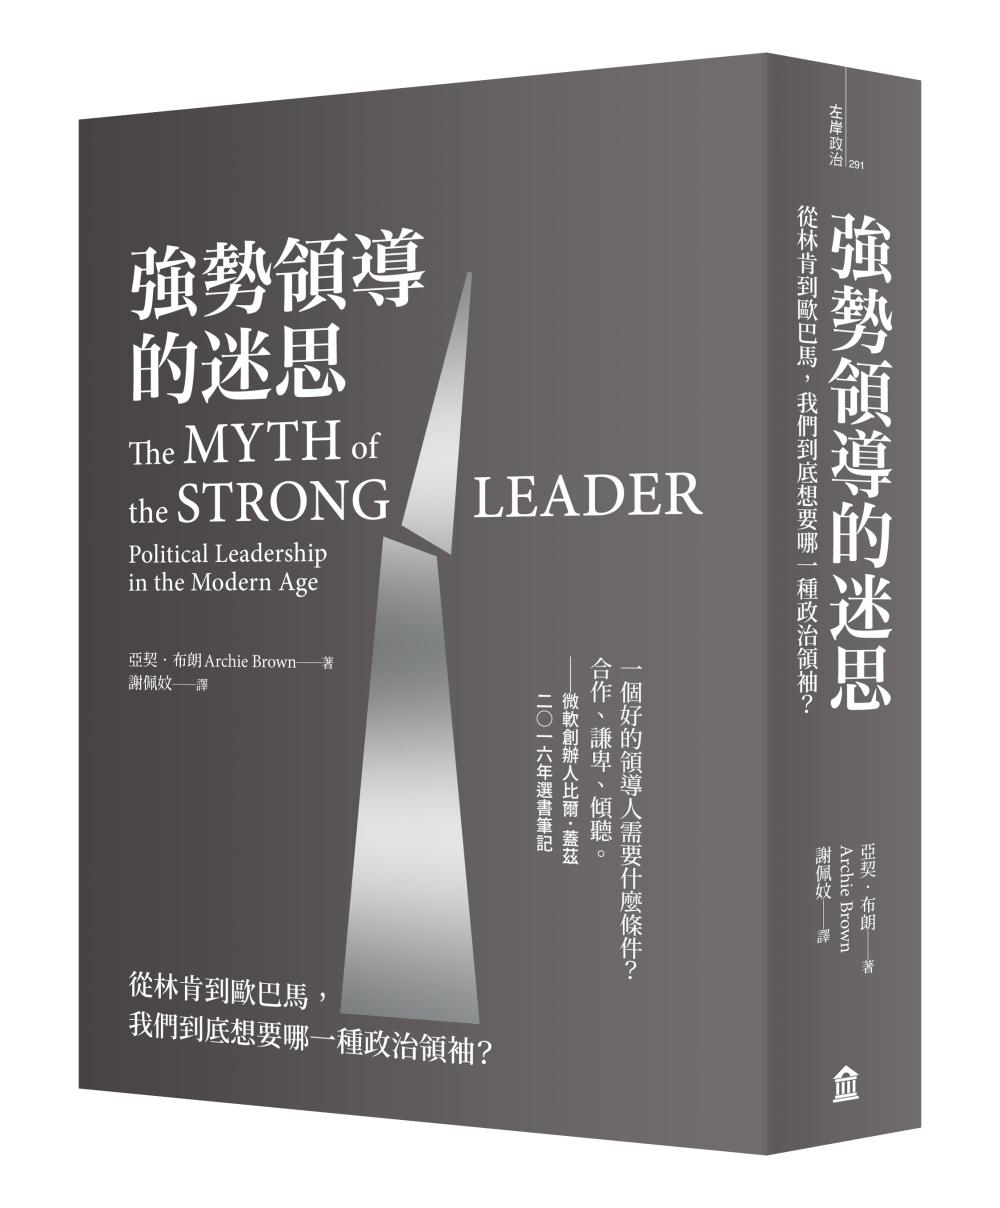 強勢領導的迷思:從林肯到歐巴馬,我們到底想要哪一種政治領袖?